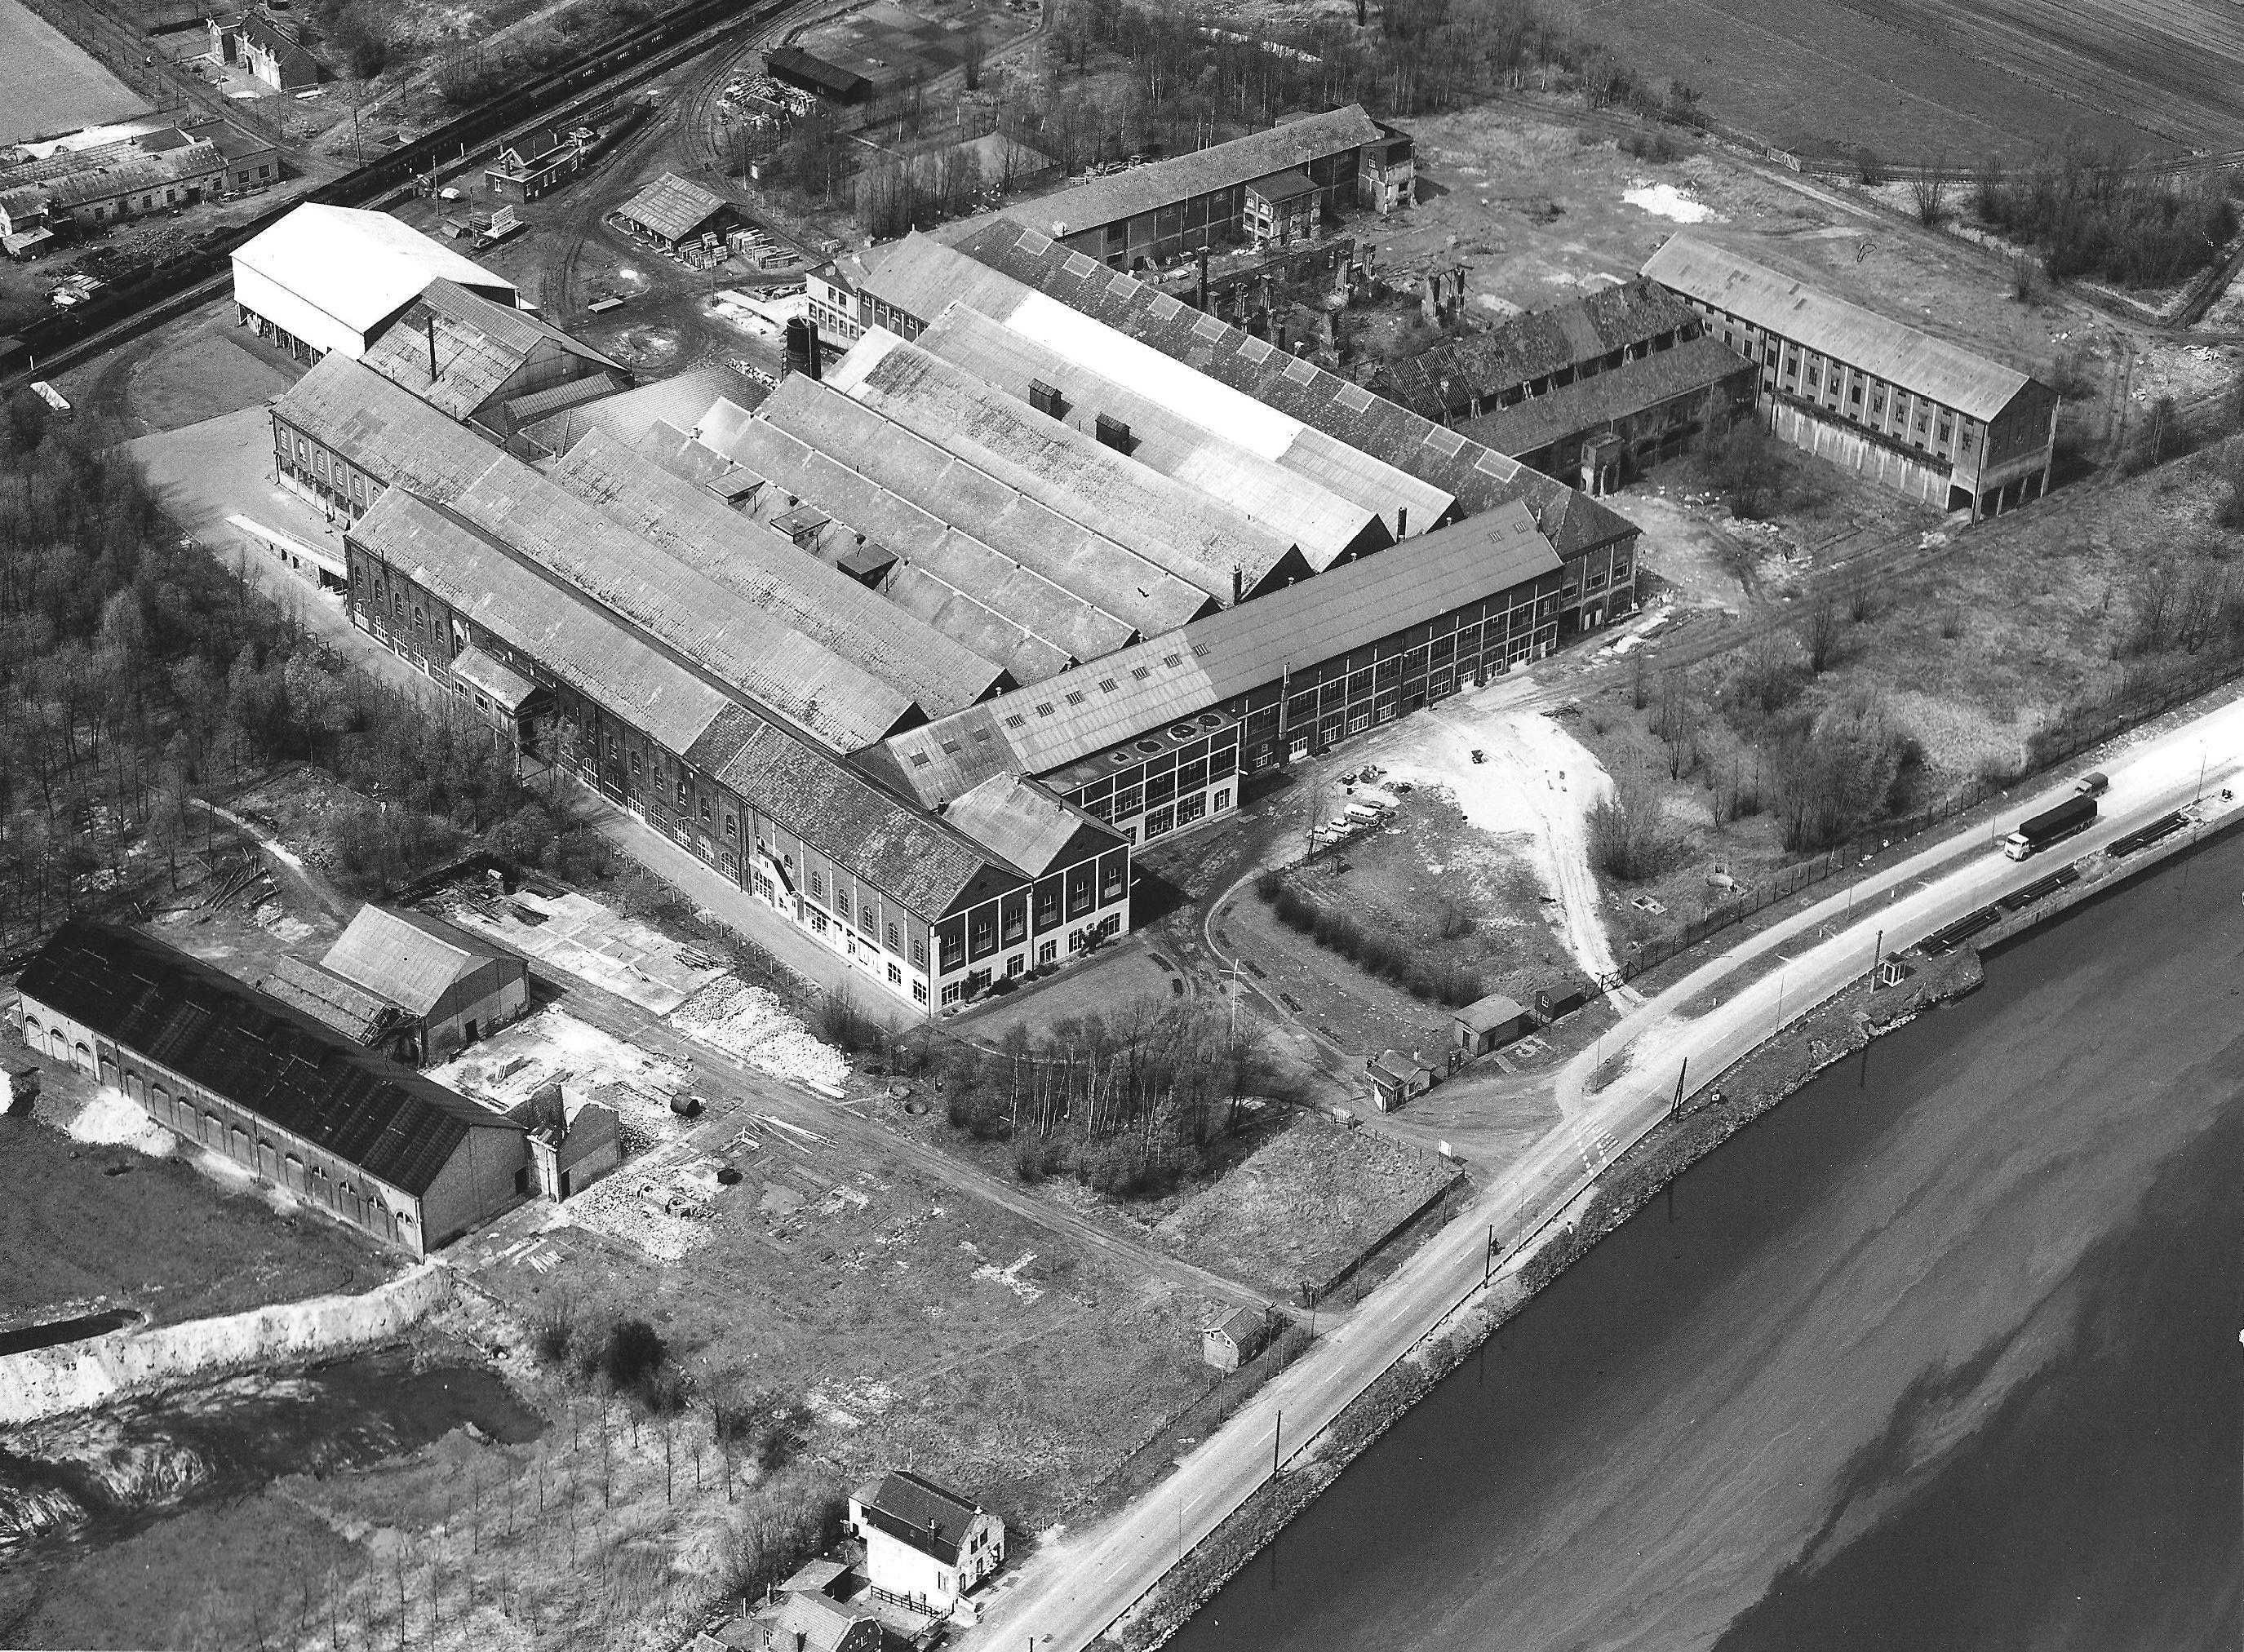 Luchtfoto van de glasfabriek, jaren vijftig. (Zeeuws Archief, archief Glasfabriek Sas van Gent)